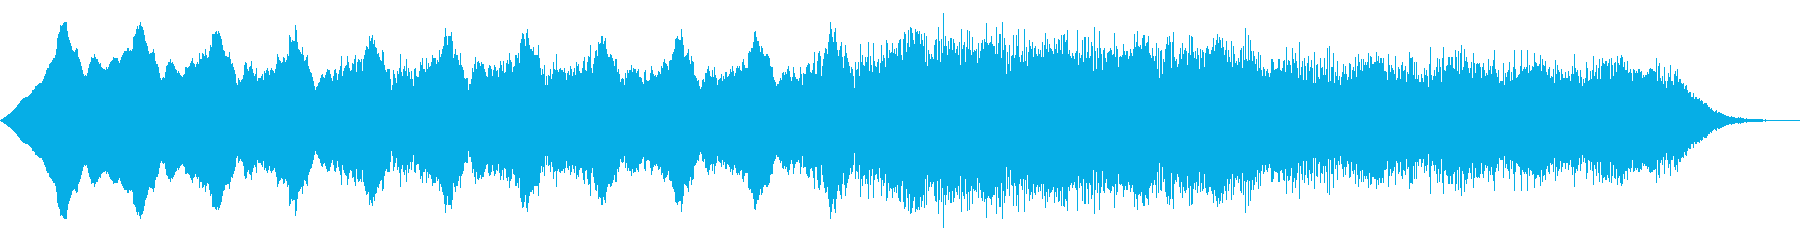 スペースドローン:スペース2109の再生済みの波形